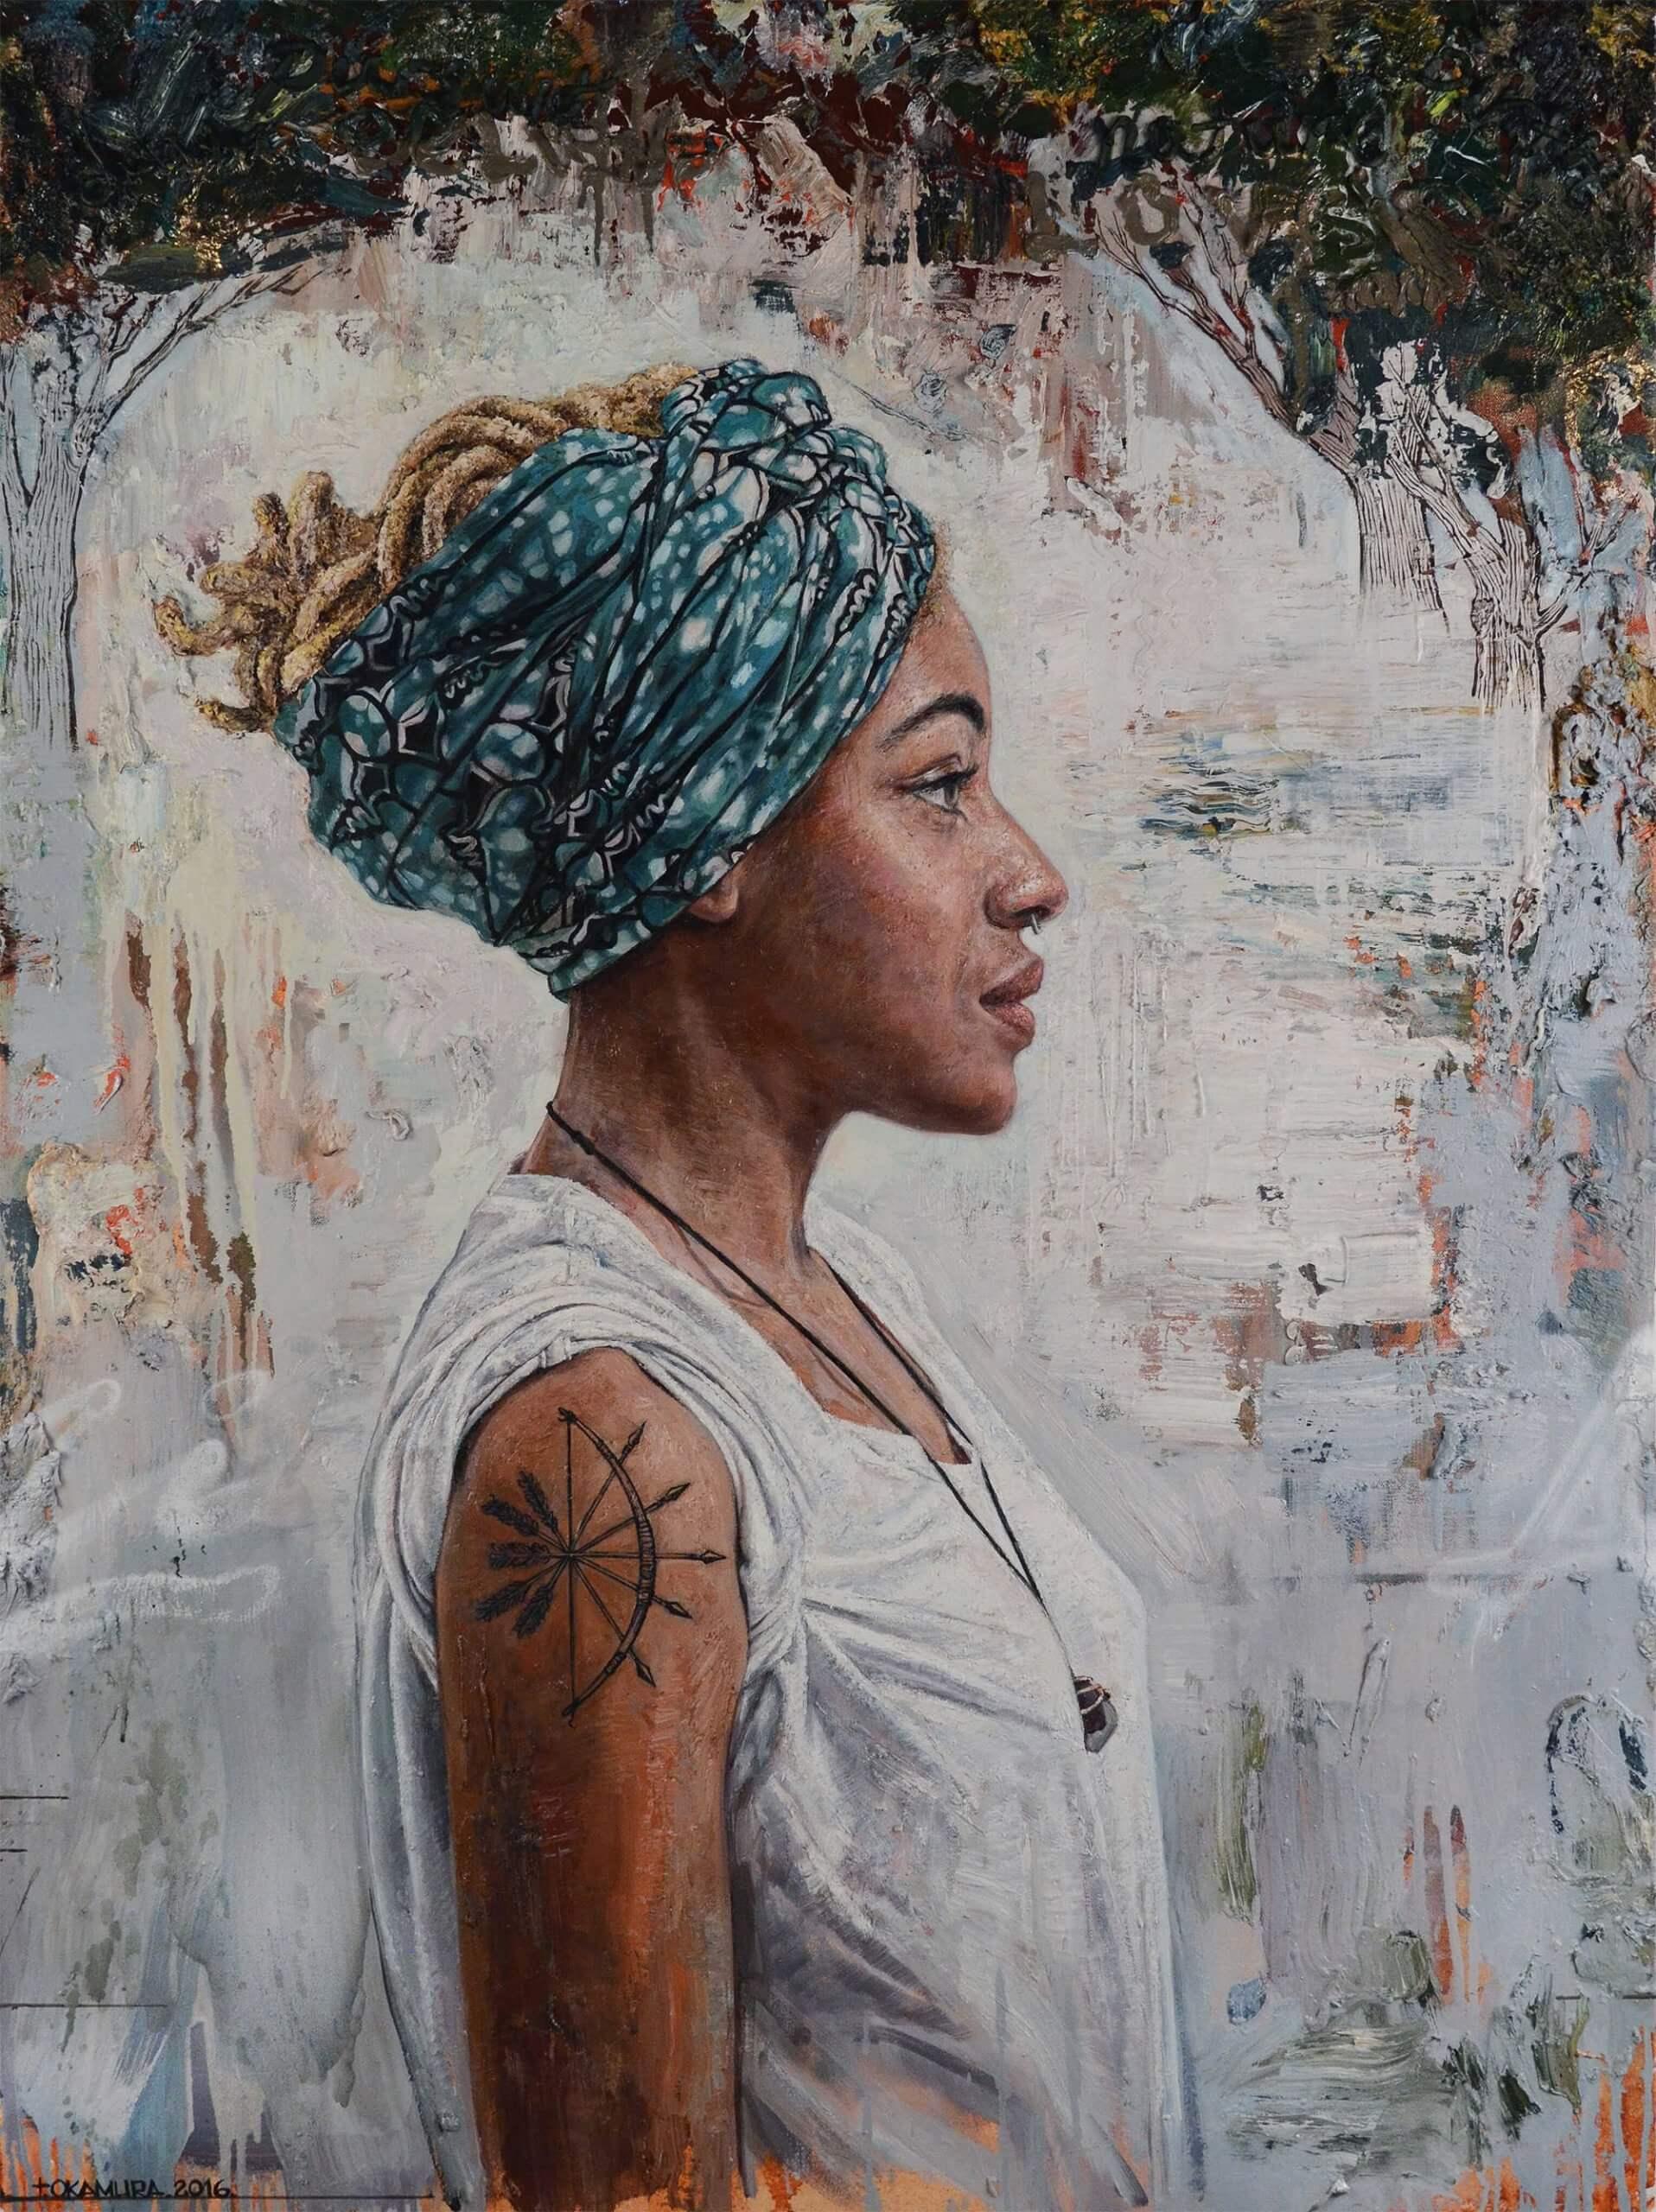 Retrato de mujer decolor con pañuelo en la cabeza